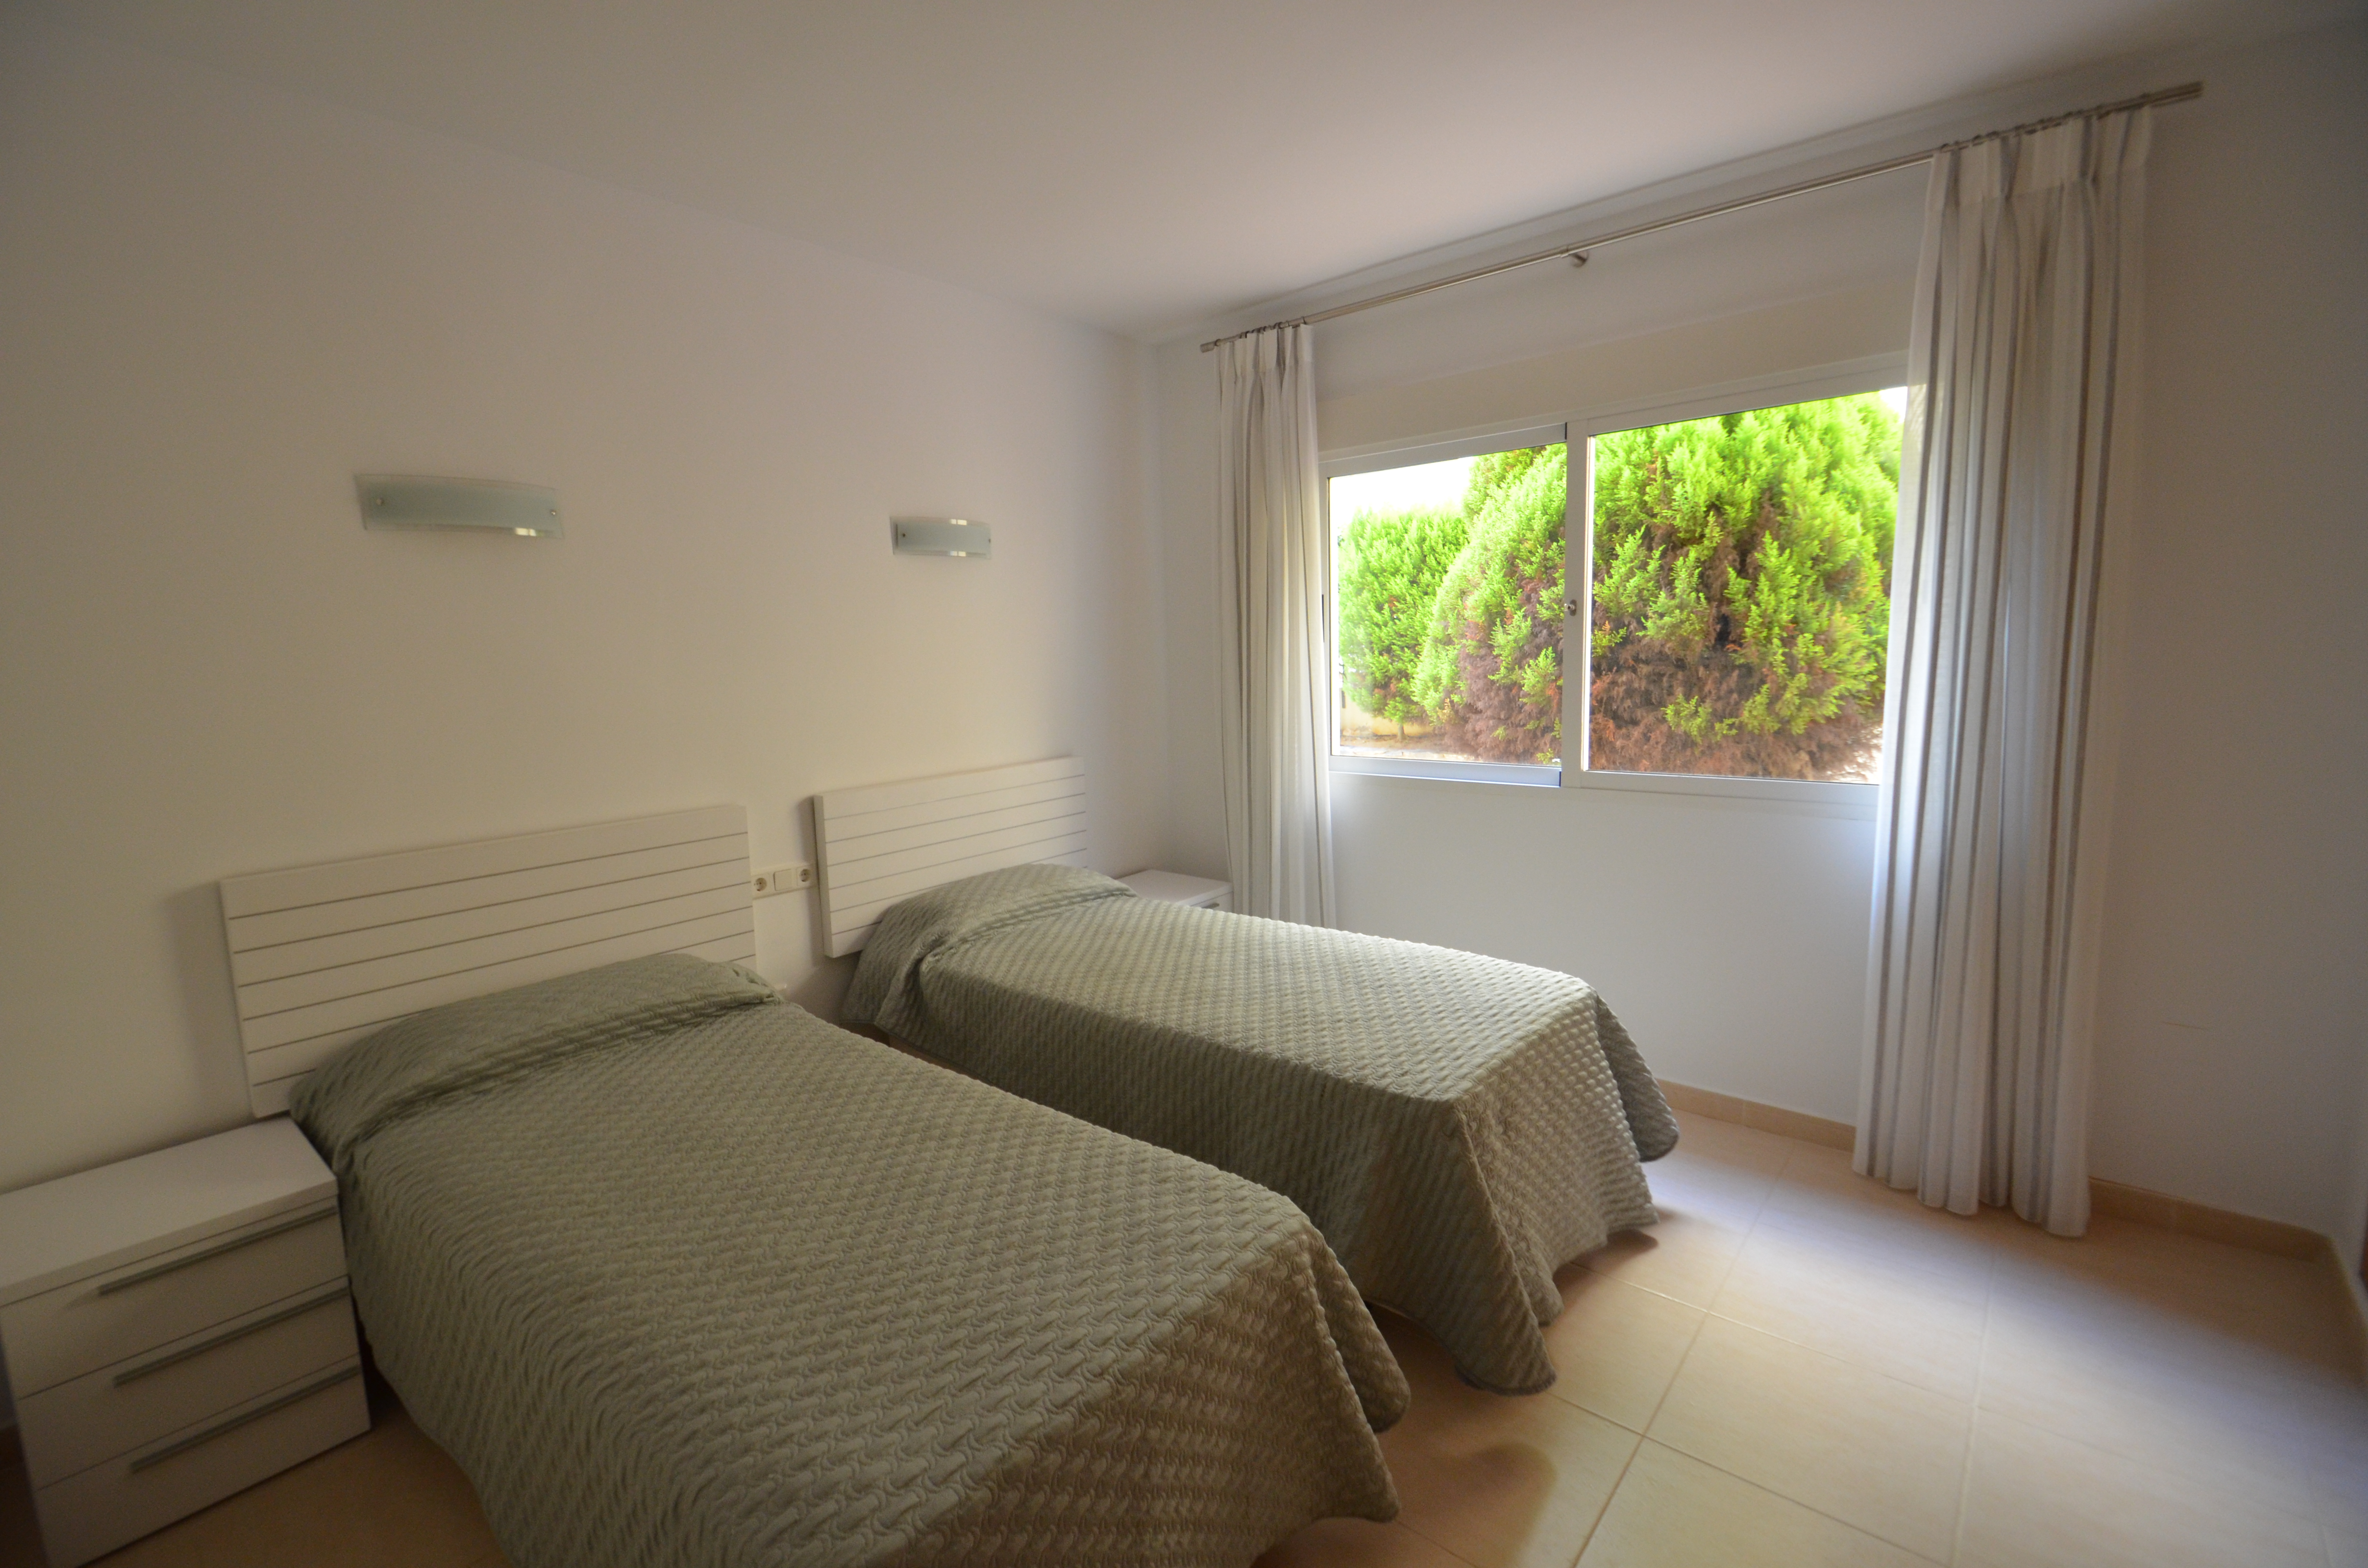 Naranja Bedroom 2